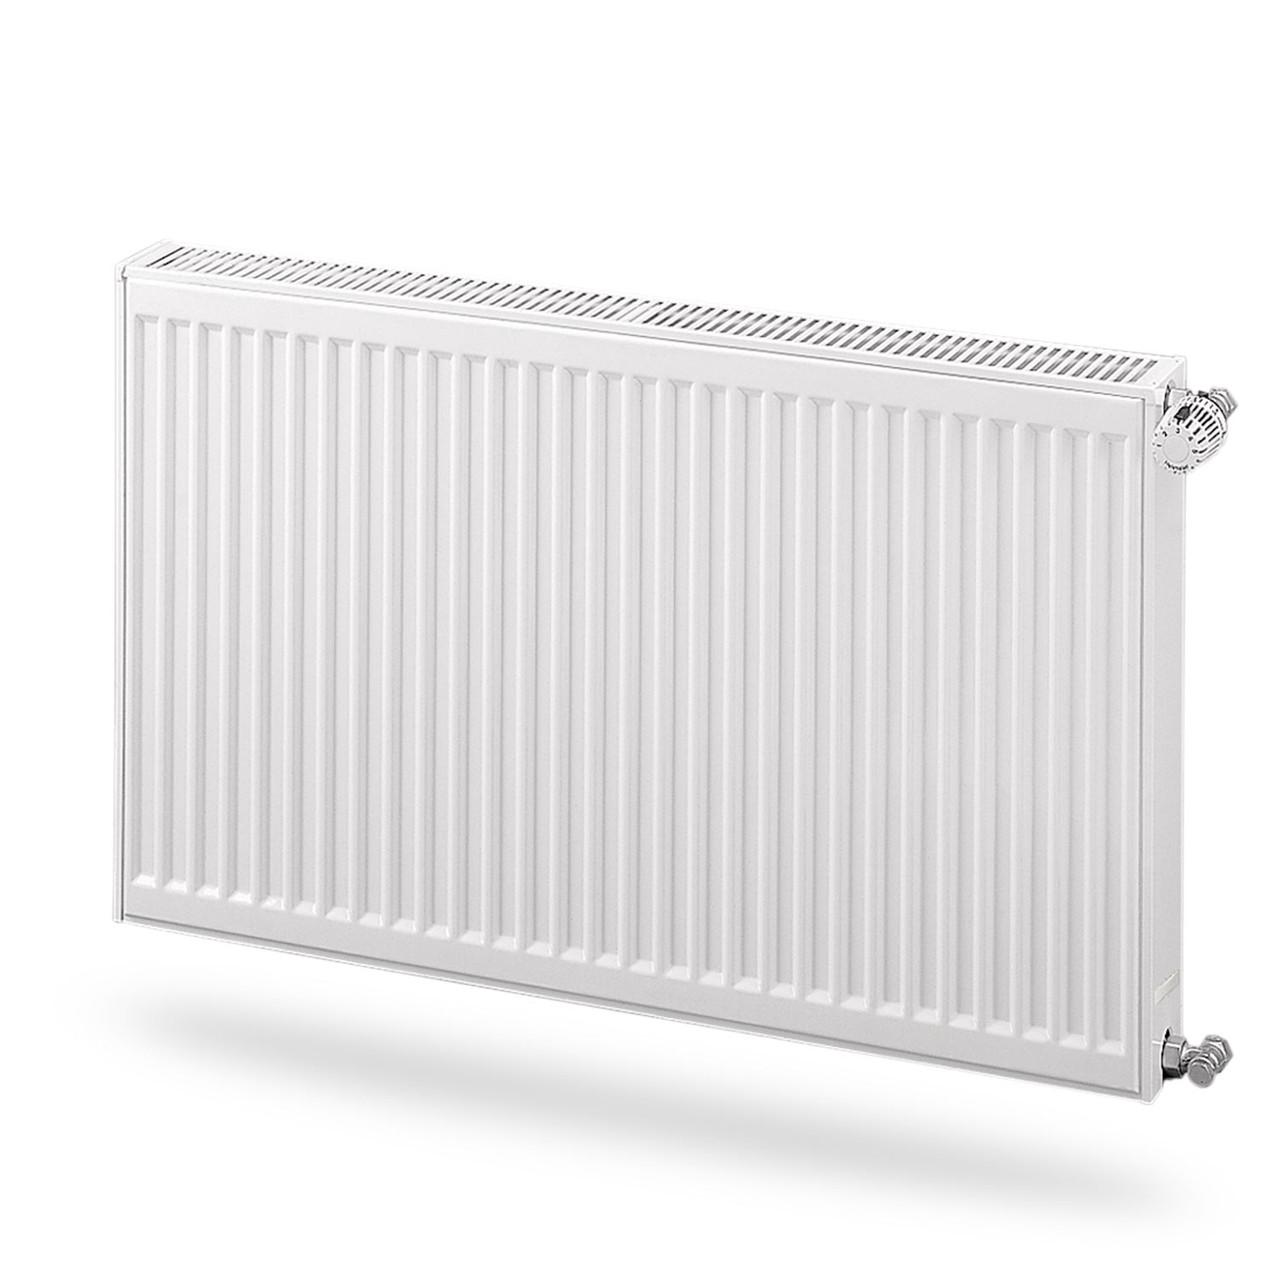 Стальной радиатор Purmo 500х22х1200